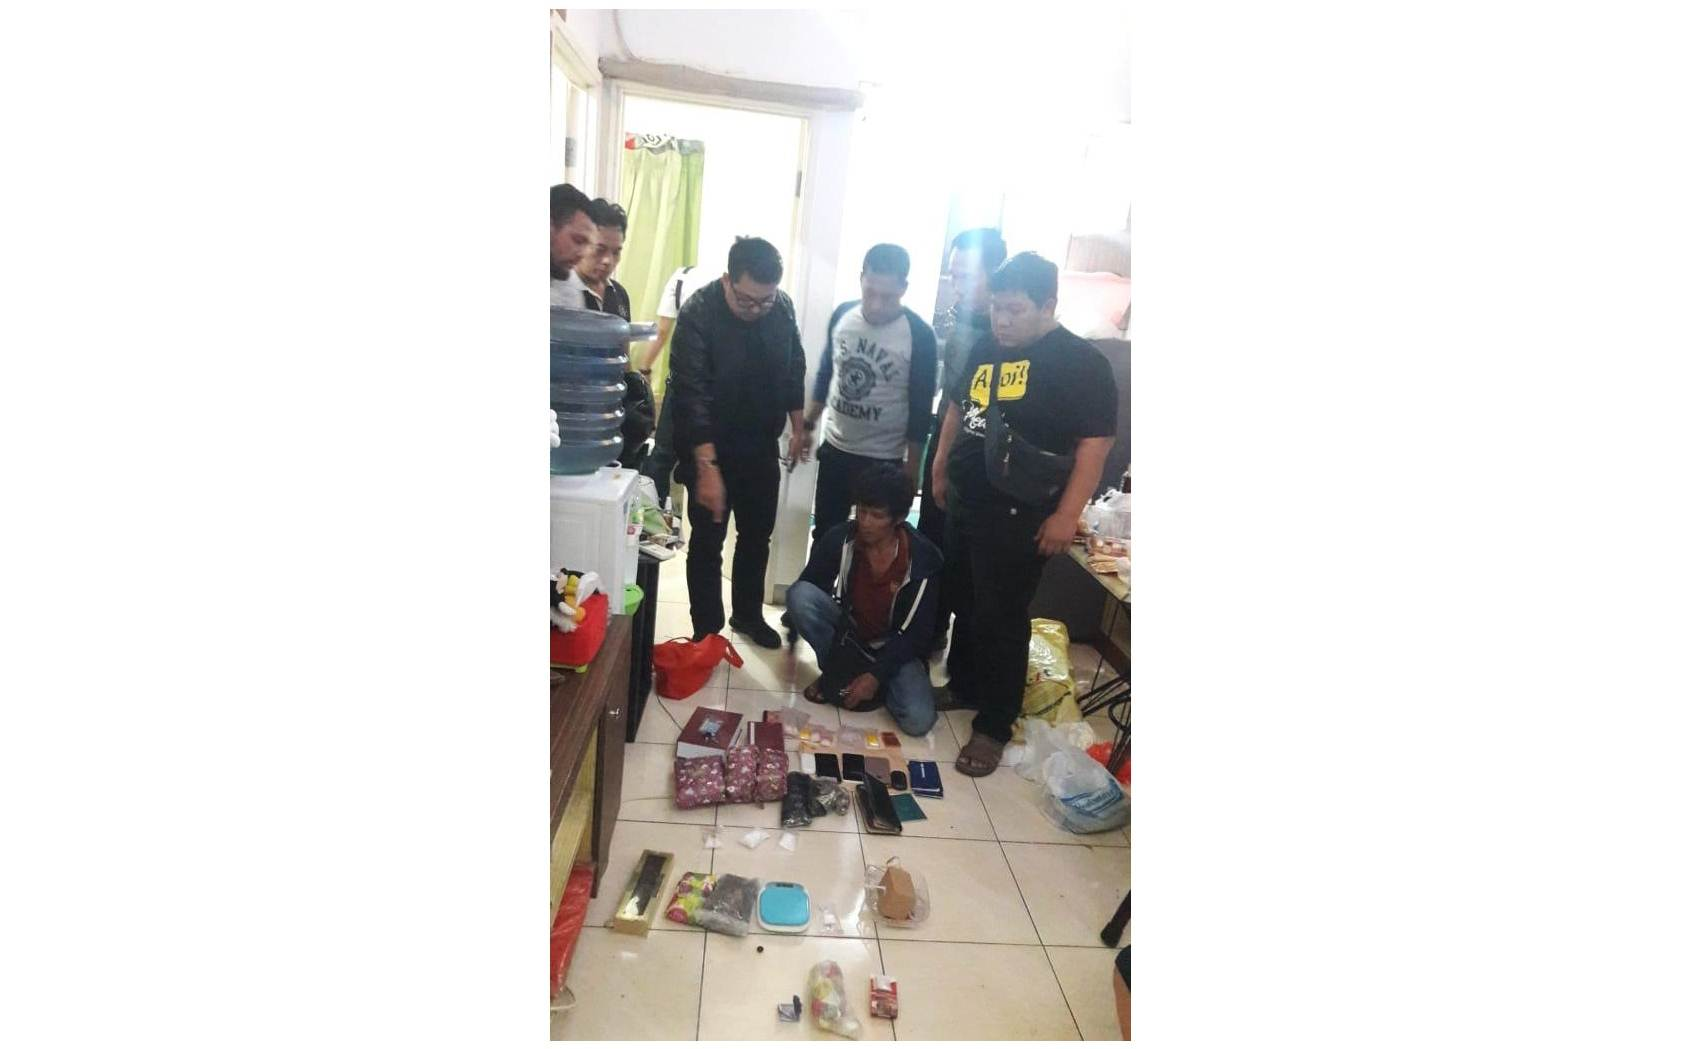 Mau kabur dari kejaran Polisi, Bandar Narkoba freestyle lompat dari apartemen seasoncity lantai 7